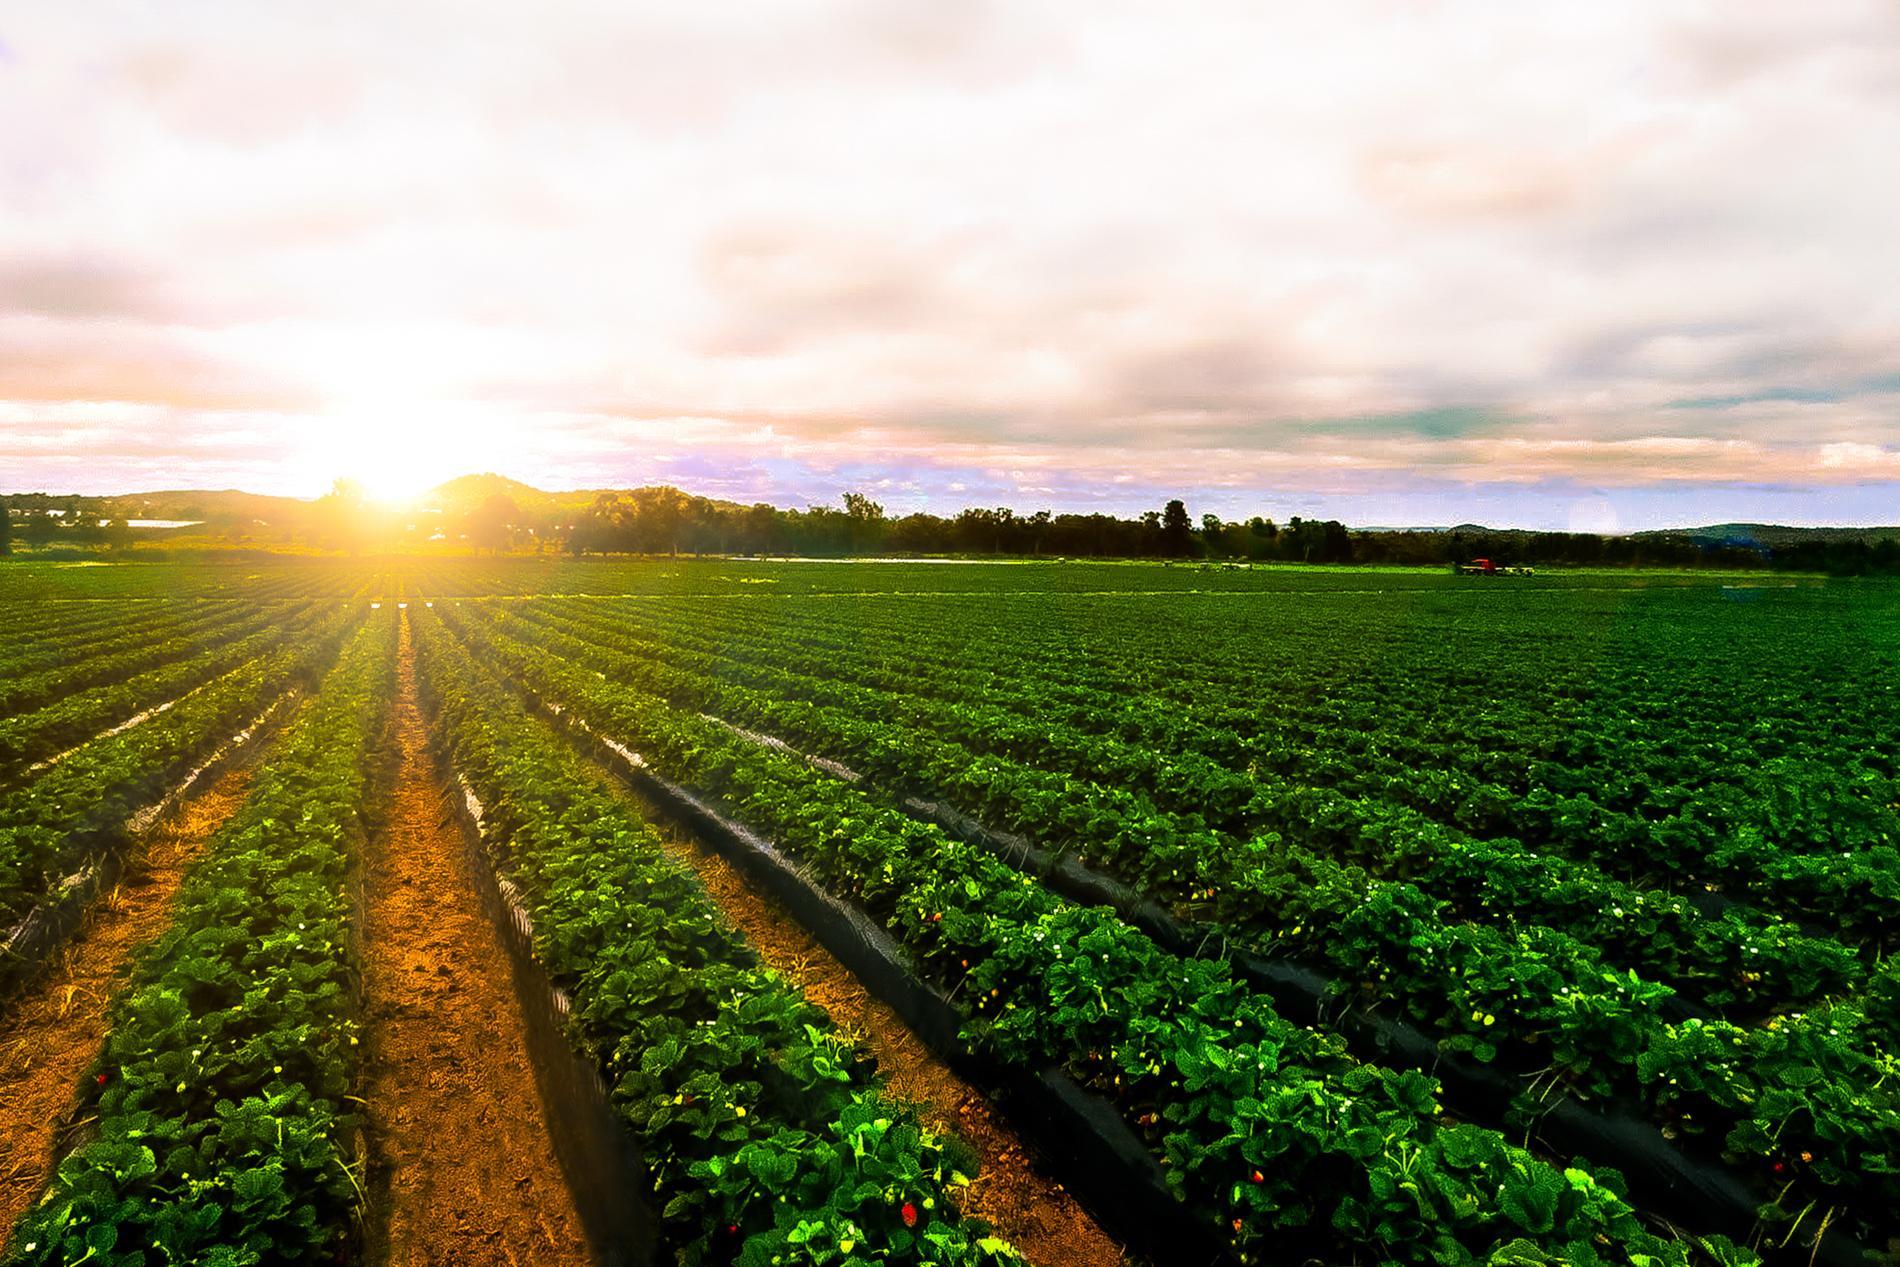 Odlingar i solnedgången.